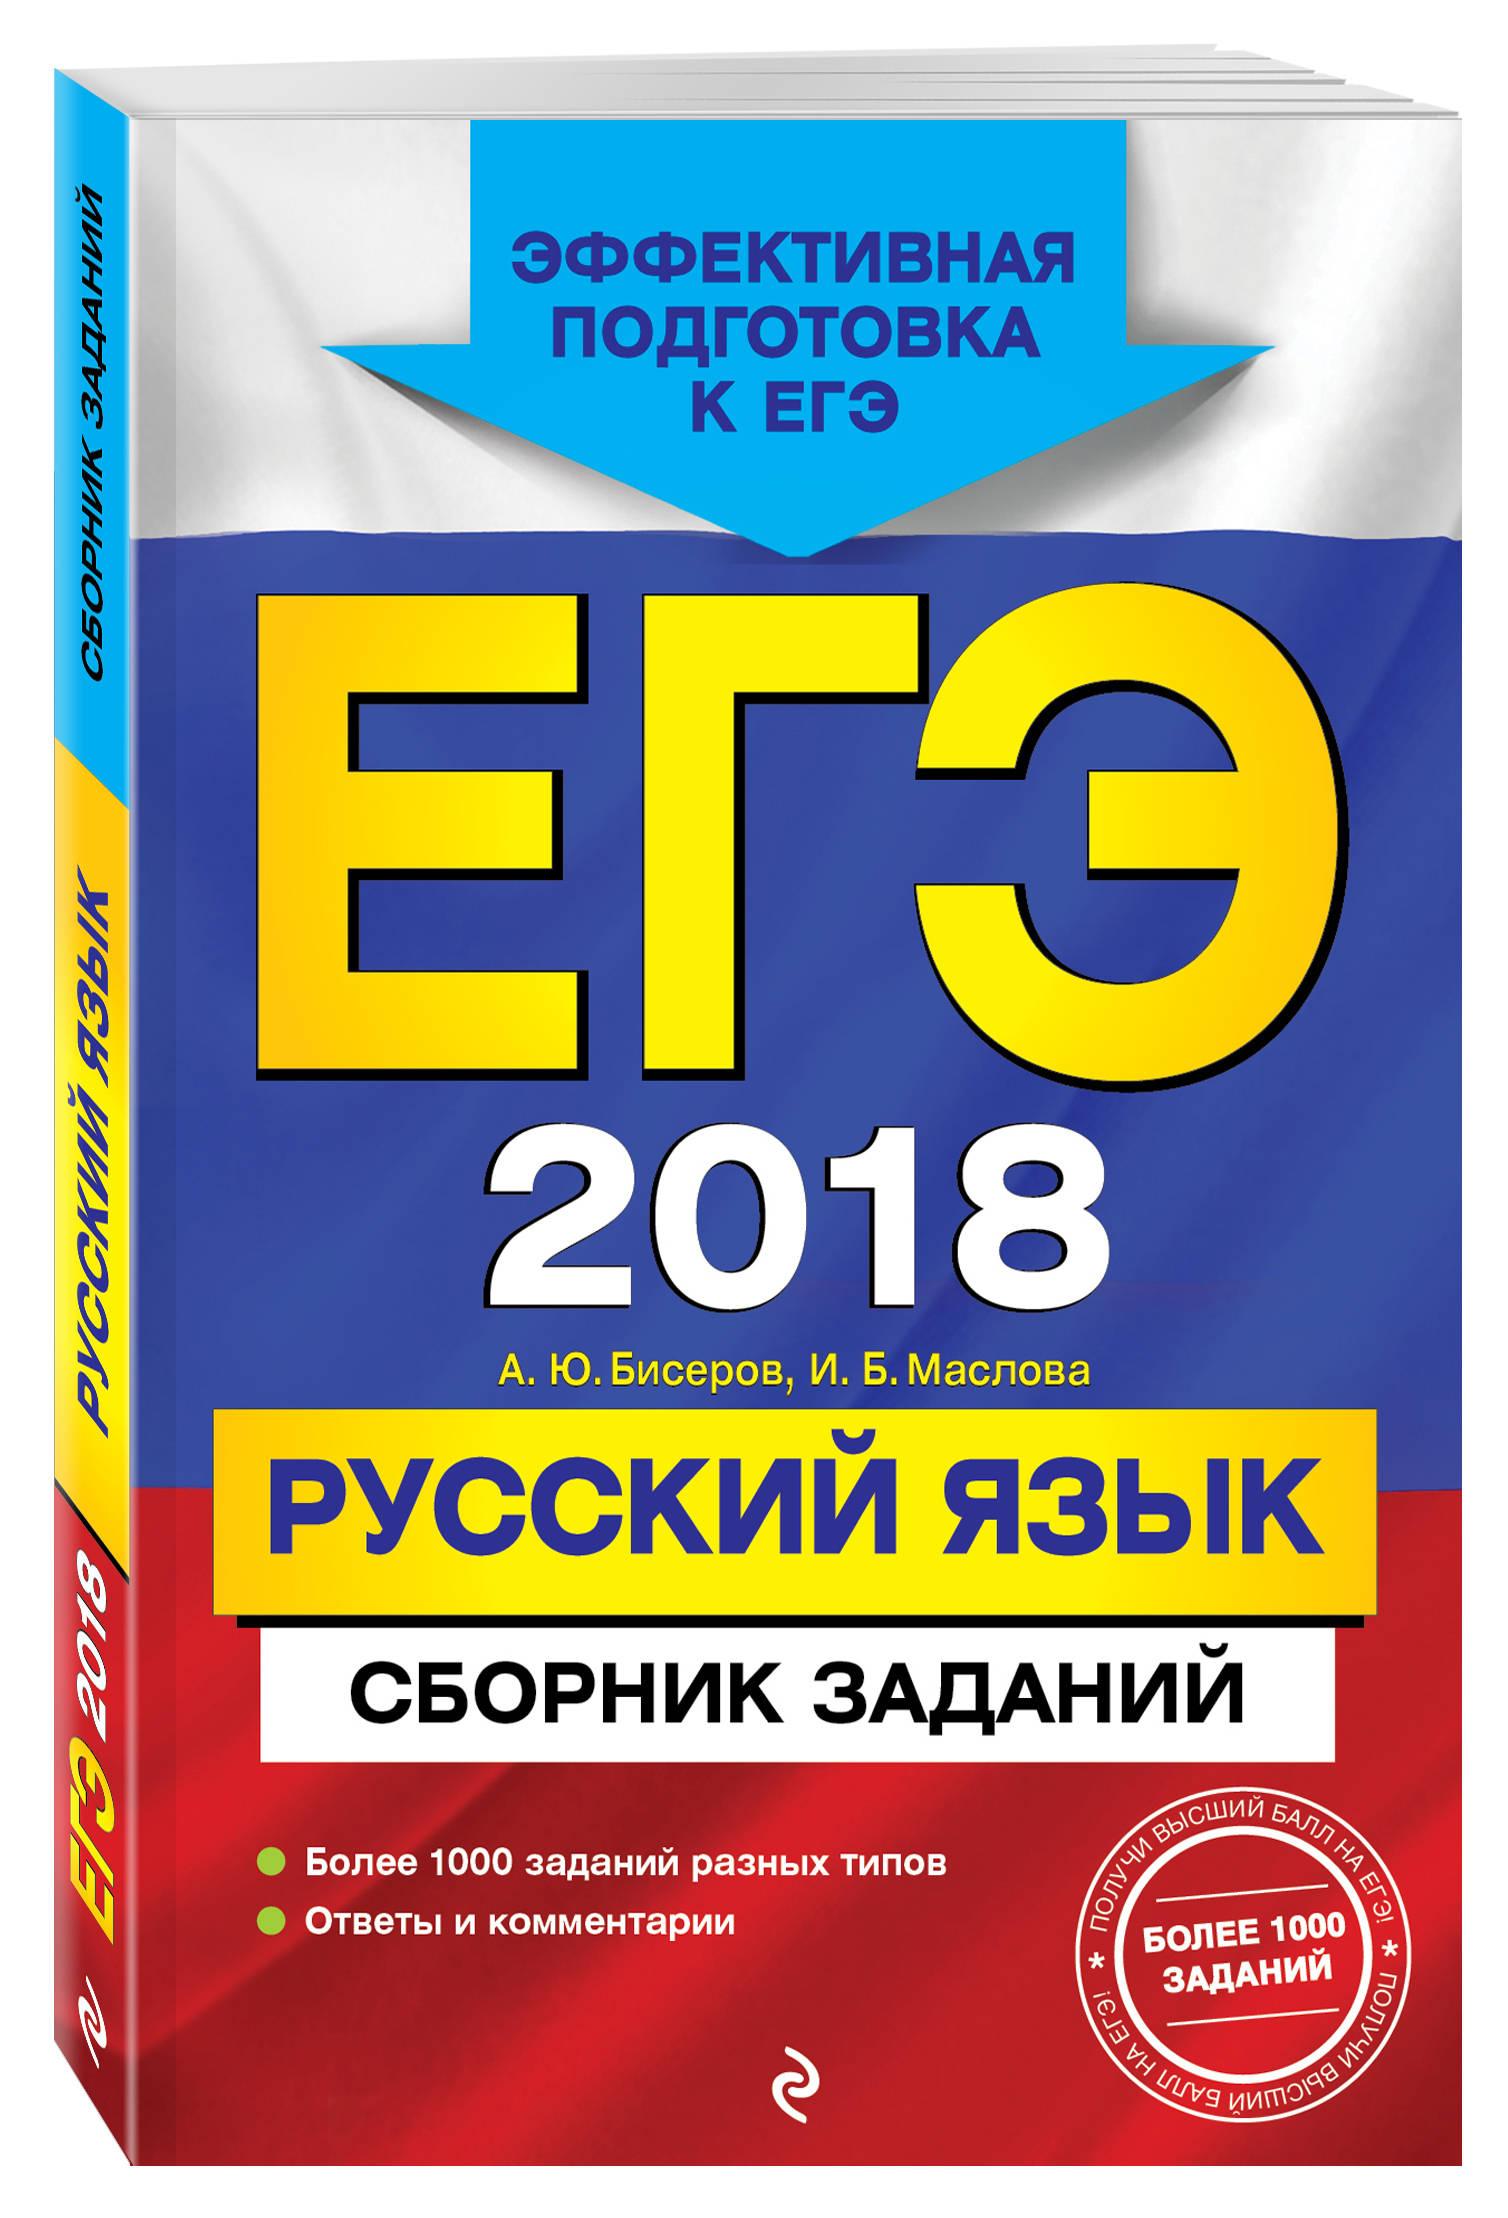 Бисеров А.Ю., Маслова И.Б. ЕГЭ-2018. Русский язык. Сборник заданий